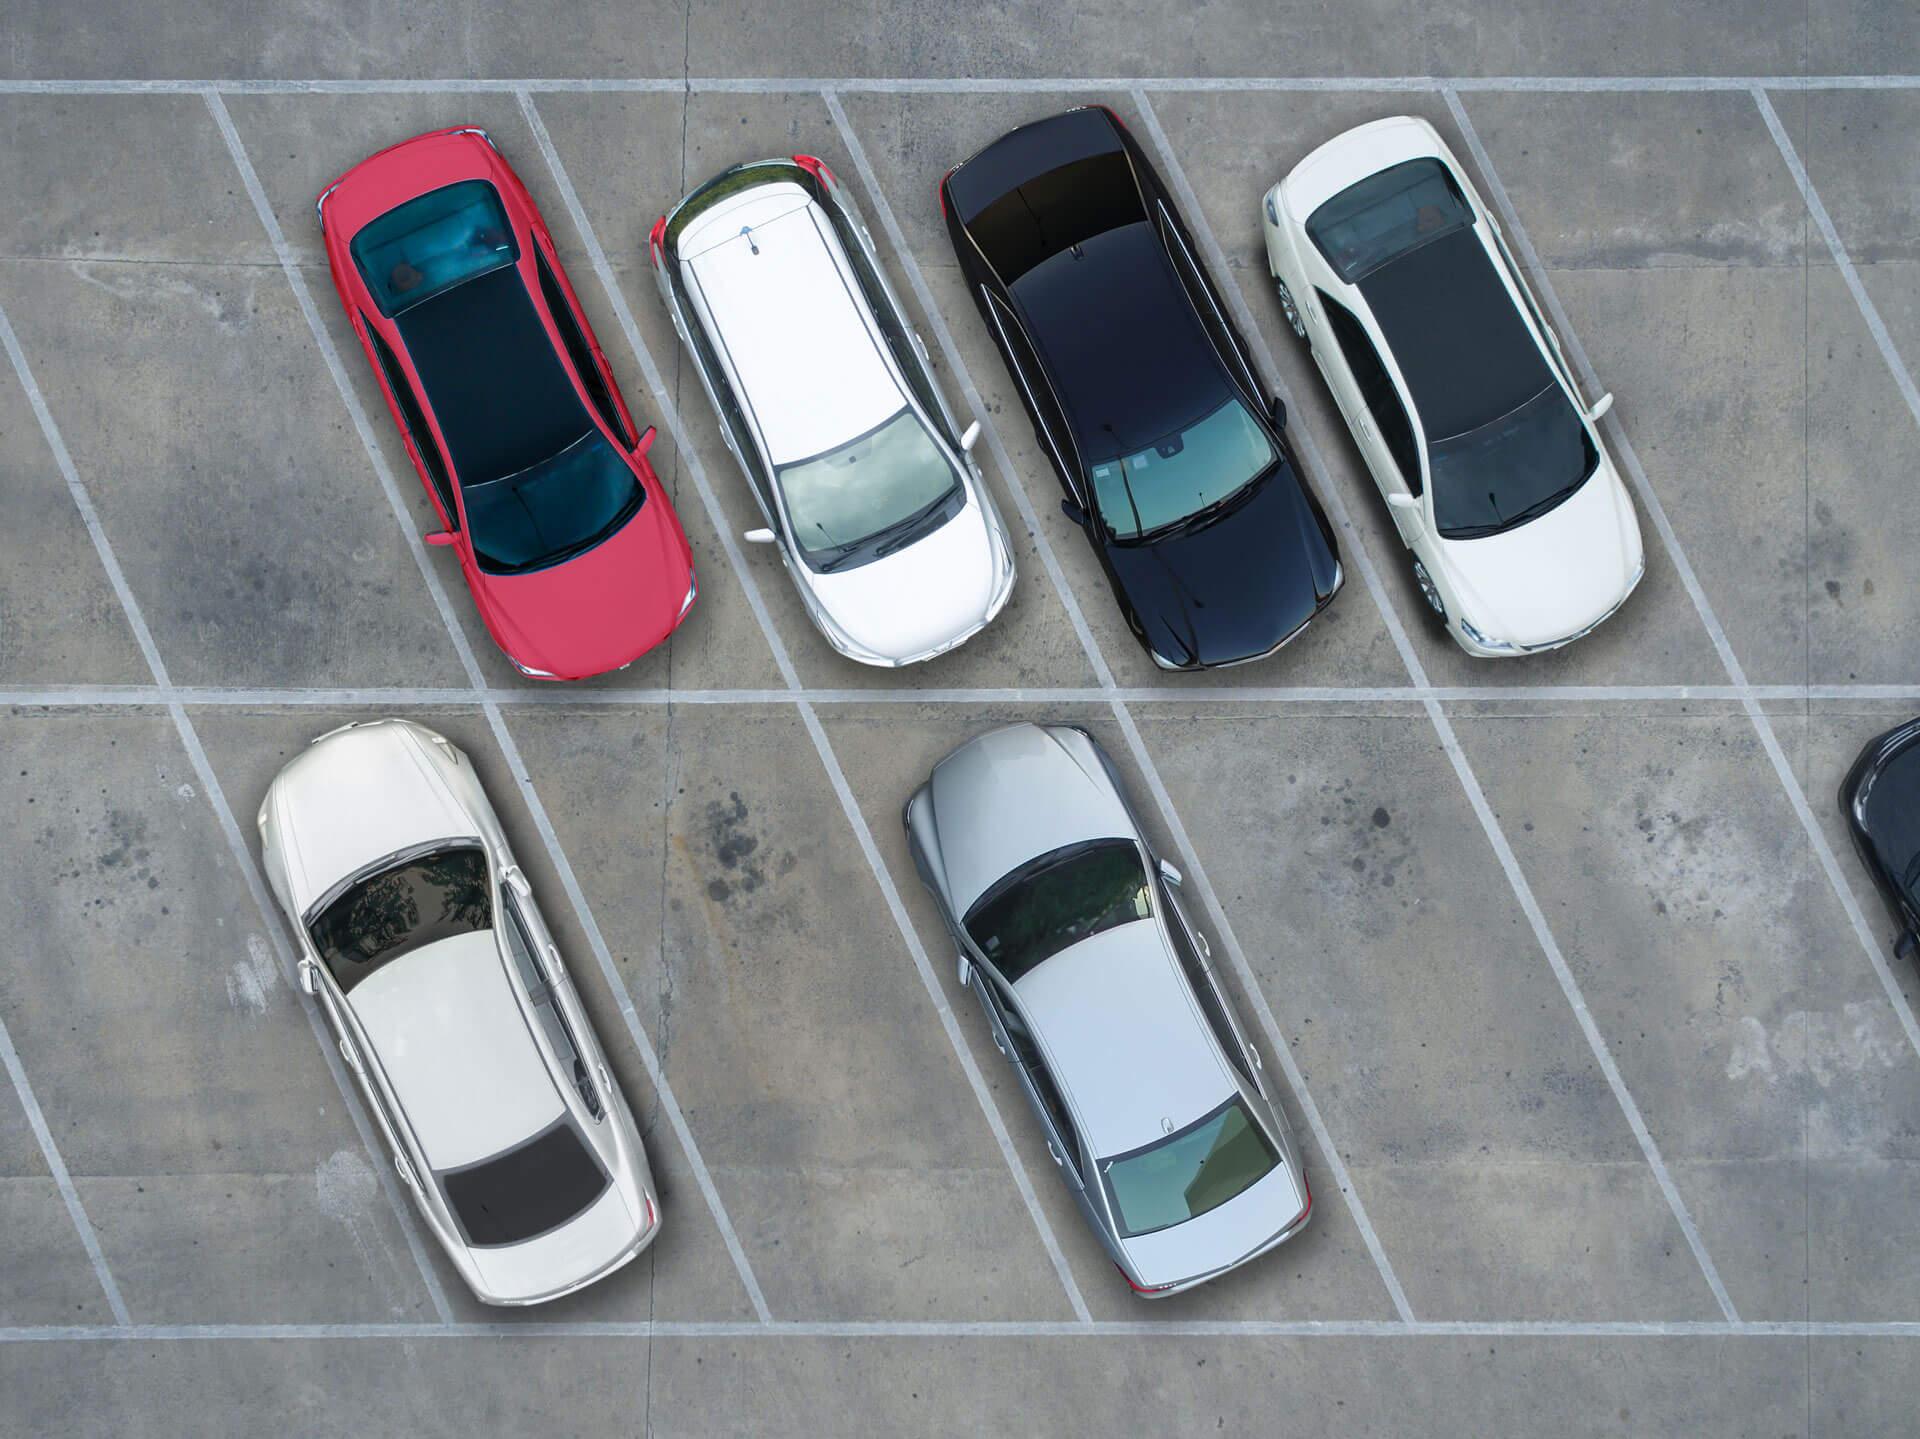 6W Frageregel im Fuhrpark und Flottenmanagement - 6W-Frageregel im Fuhrpark und Flottenmanagement